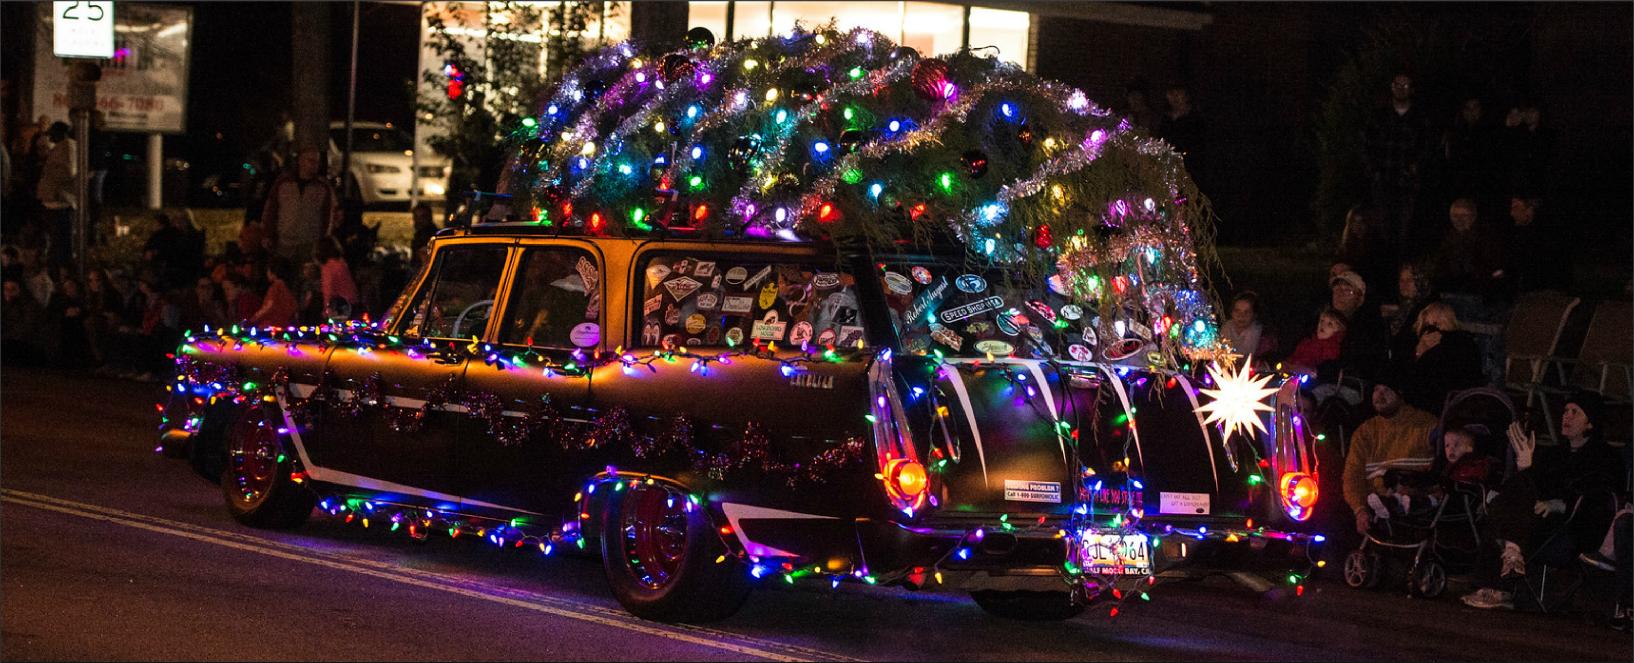 rock hill christmas parade - Christmas Car Parade Decorations